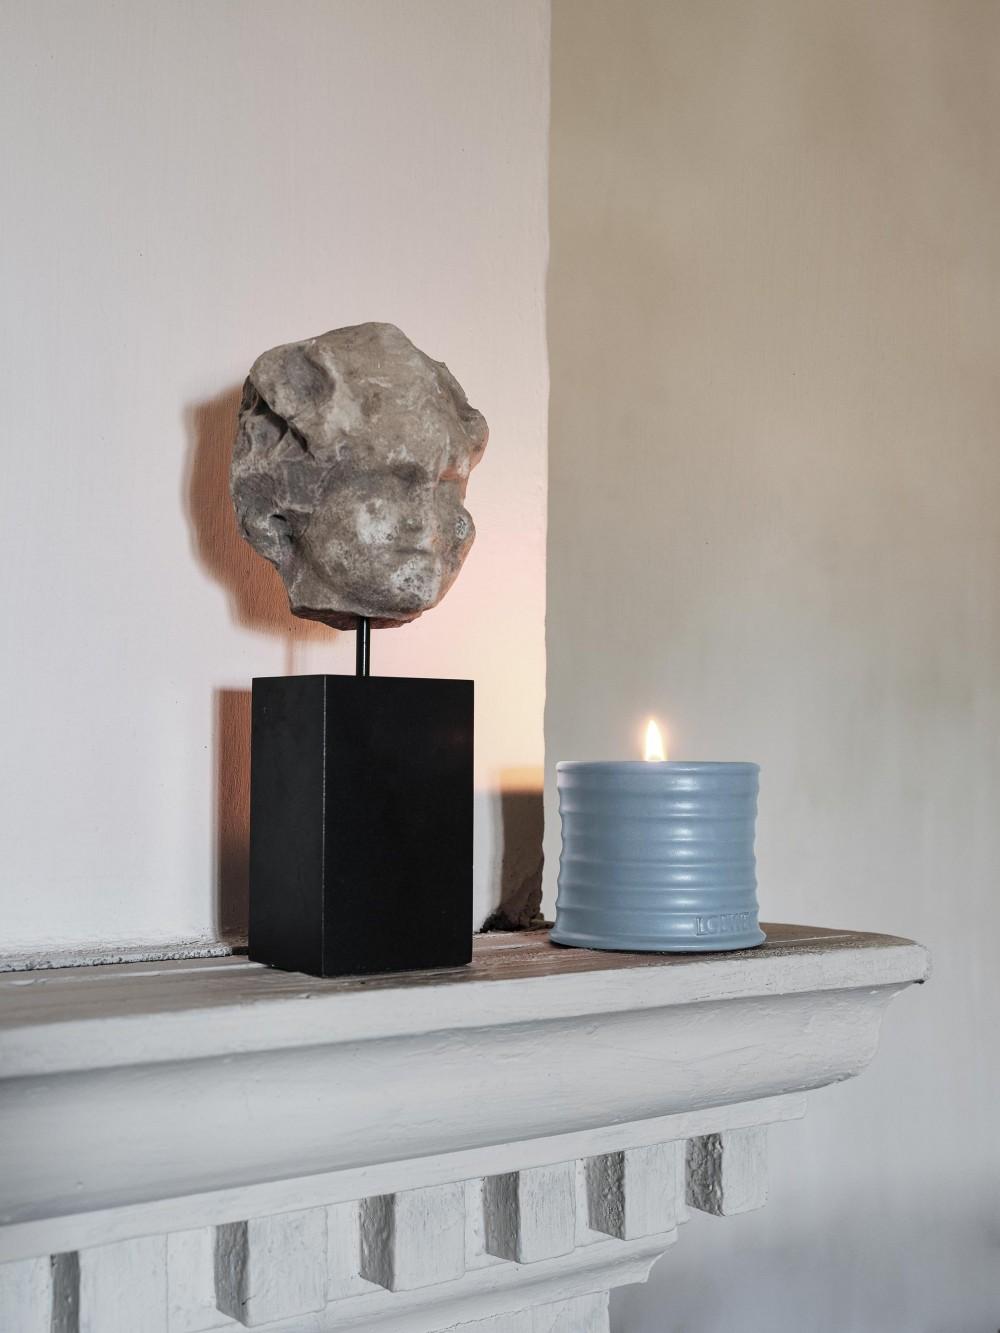 香氛與視覺的時尚體驗 Loewe全新Home Scents系列正式登場004